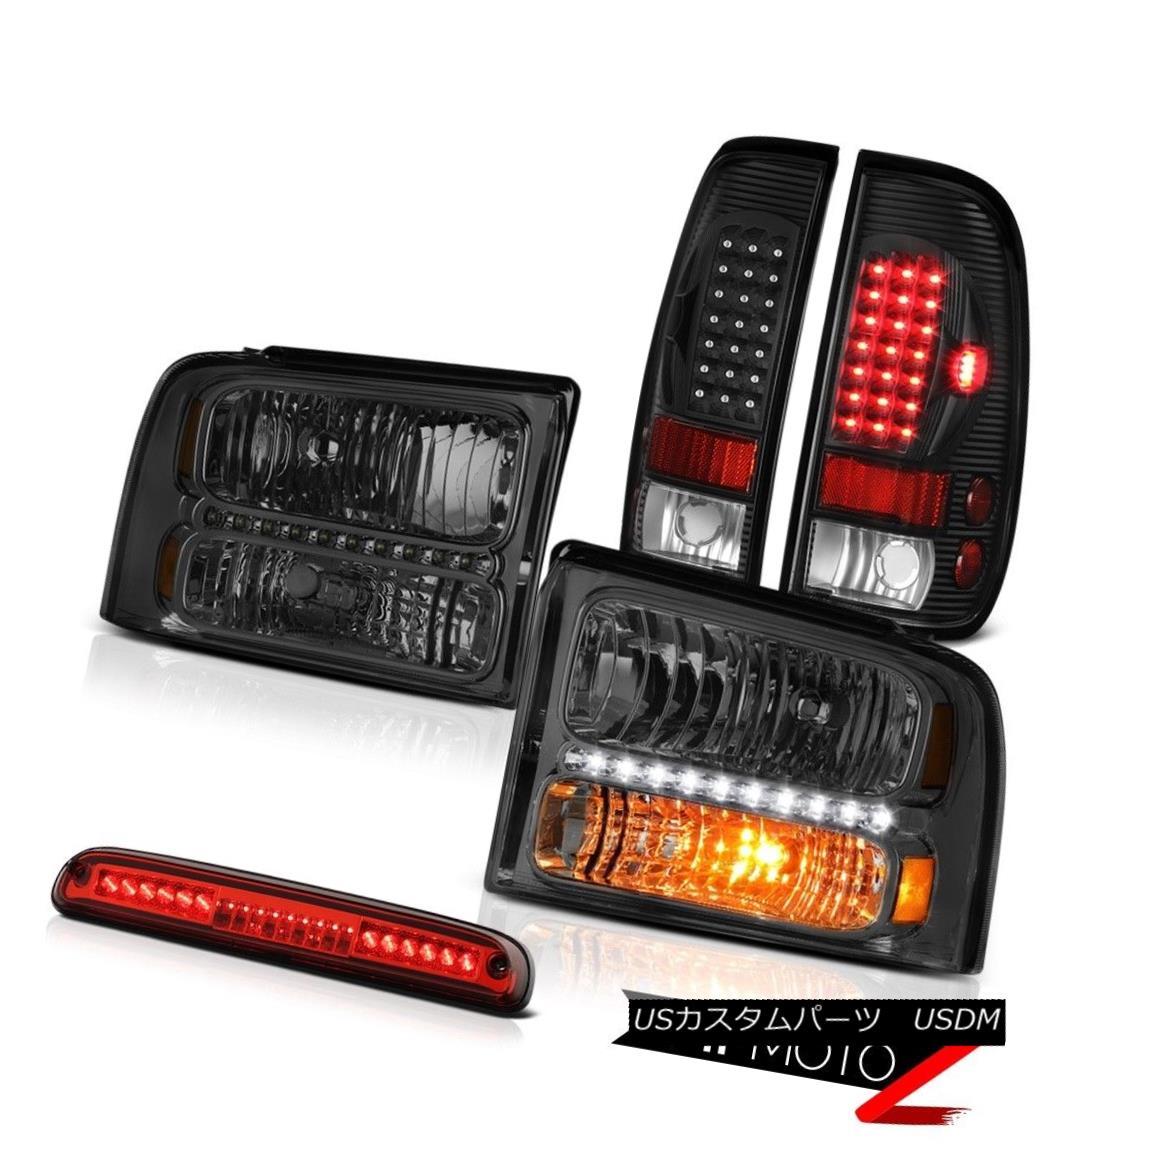 ヘッドライト 2005-2007 Ford F250 Smoke Tinted Headlamps LED Black Taillights High Brake Cargo 2005-2007 Ford F250煙がかかったヘッドランプLEDブラック・ティアライト高ブレーキ・カーゴ